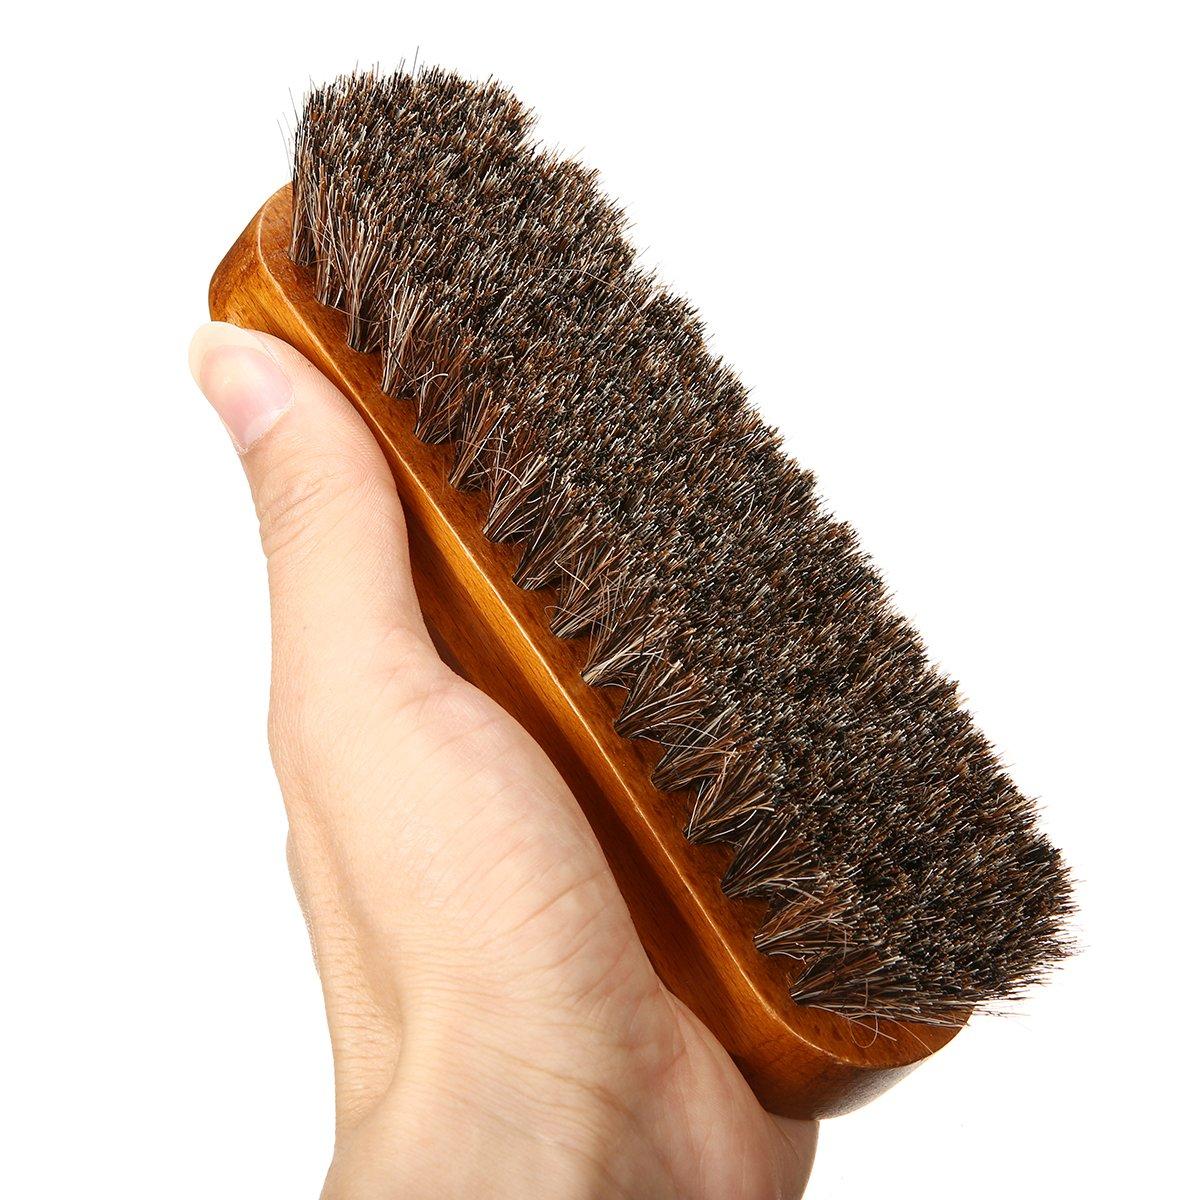 Cepillo para limpiar abrigos